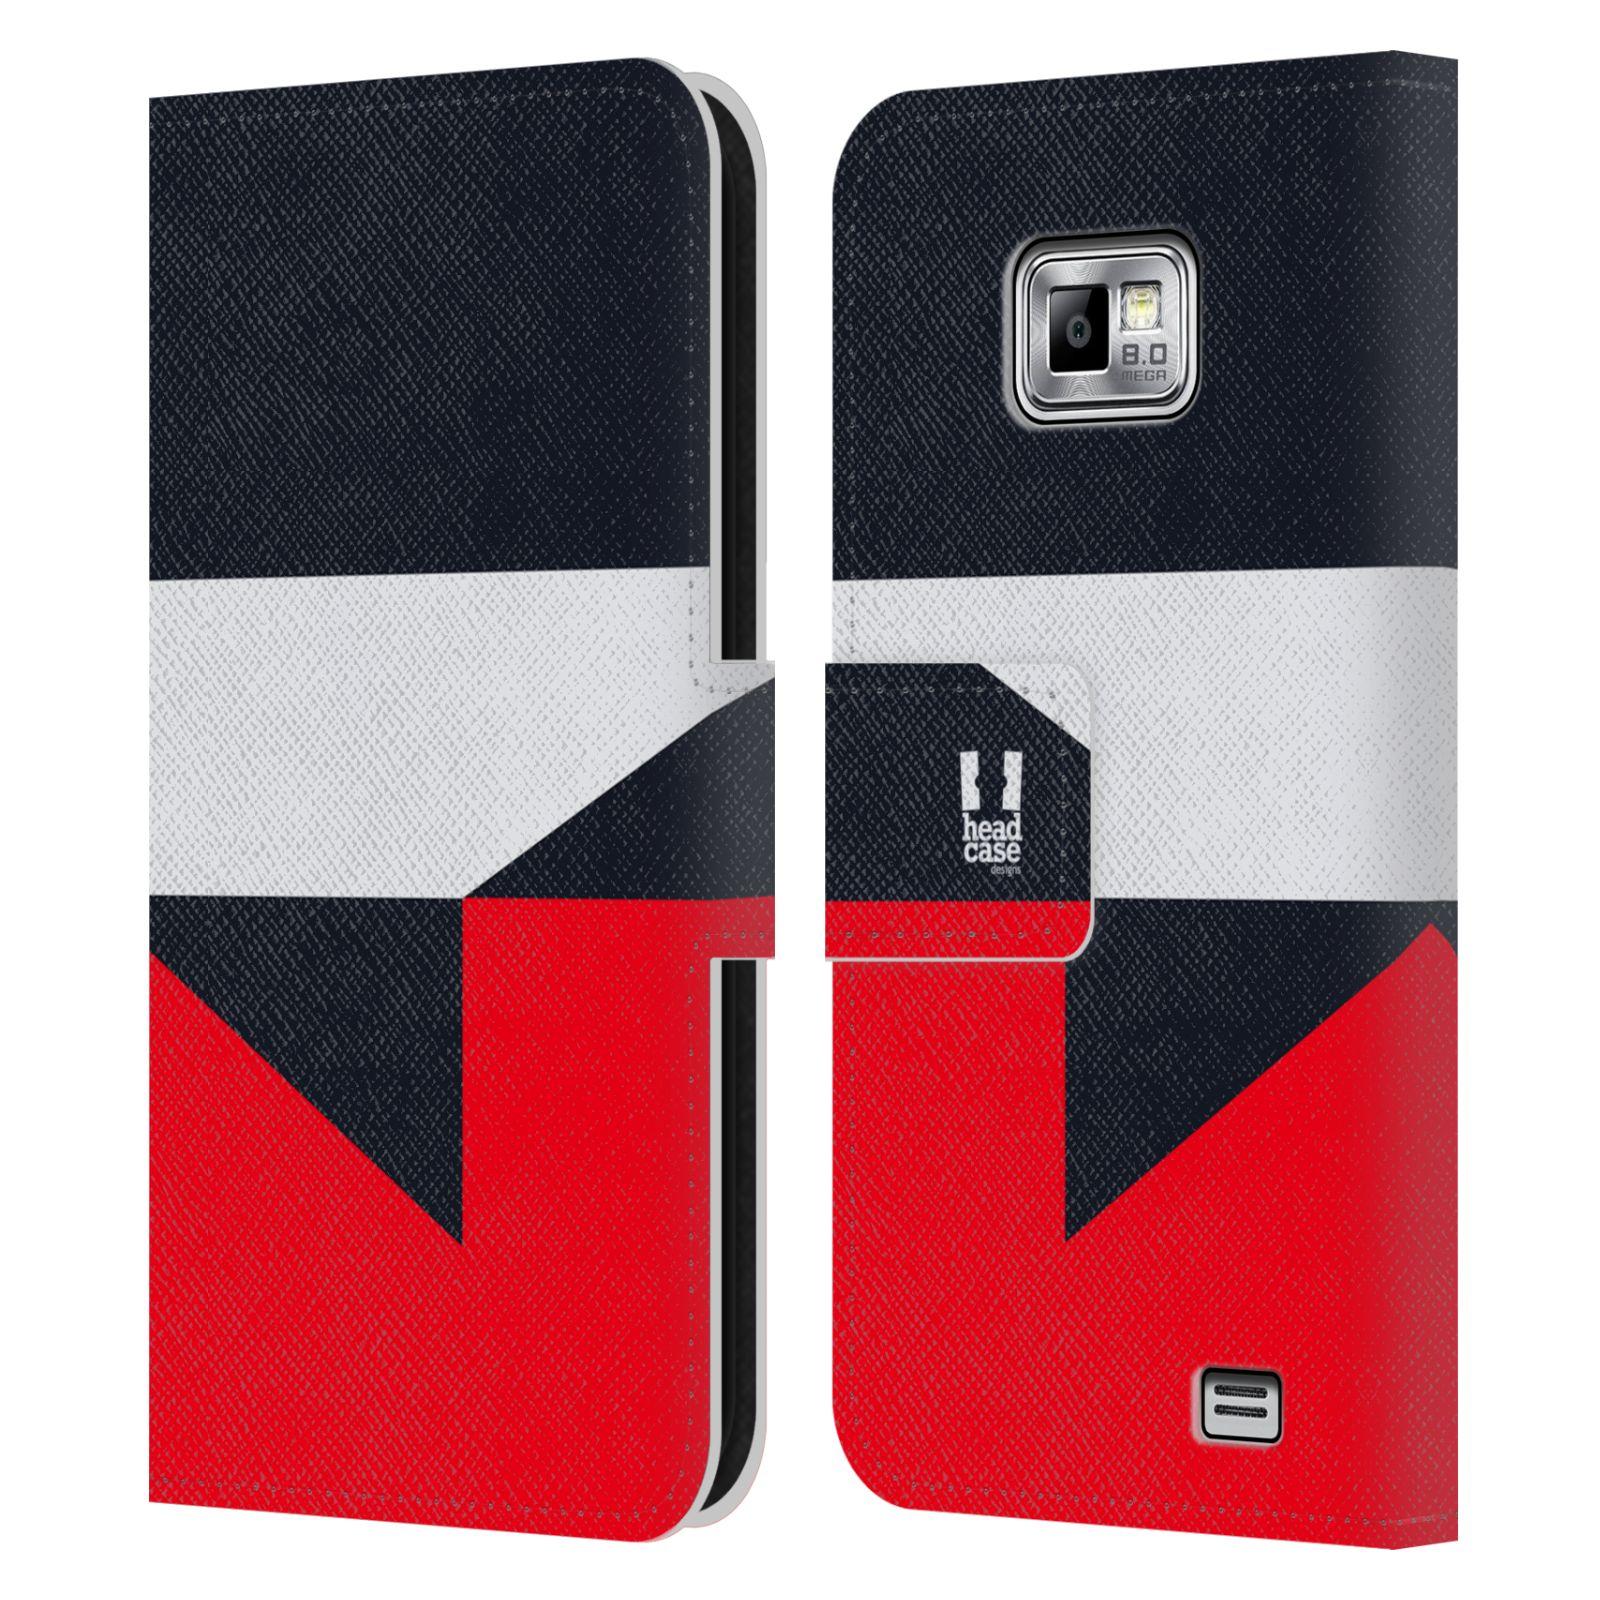 HEAD CASE Flipové pouzdro pro mobil Samsung Galaxy S2 i9100 barevné tvary černá a červená gejša